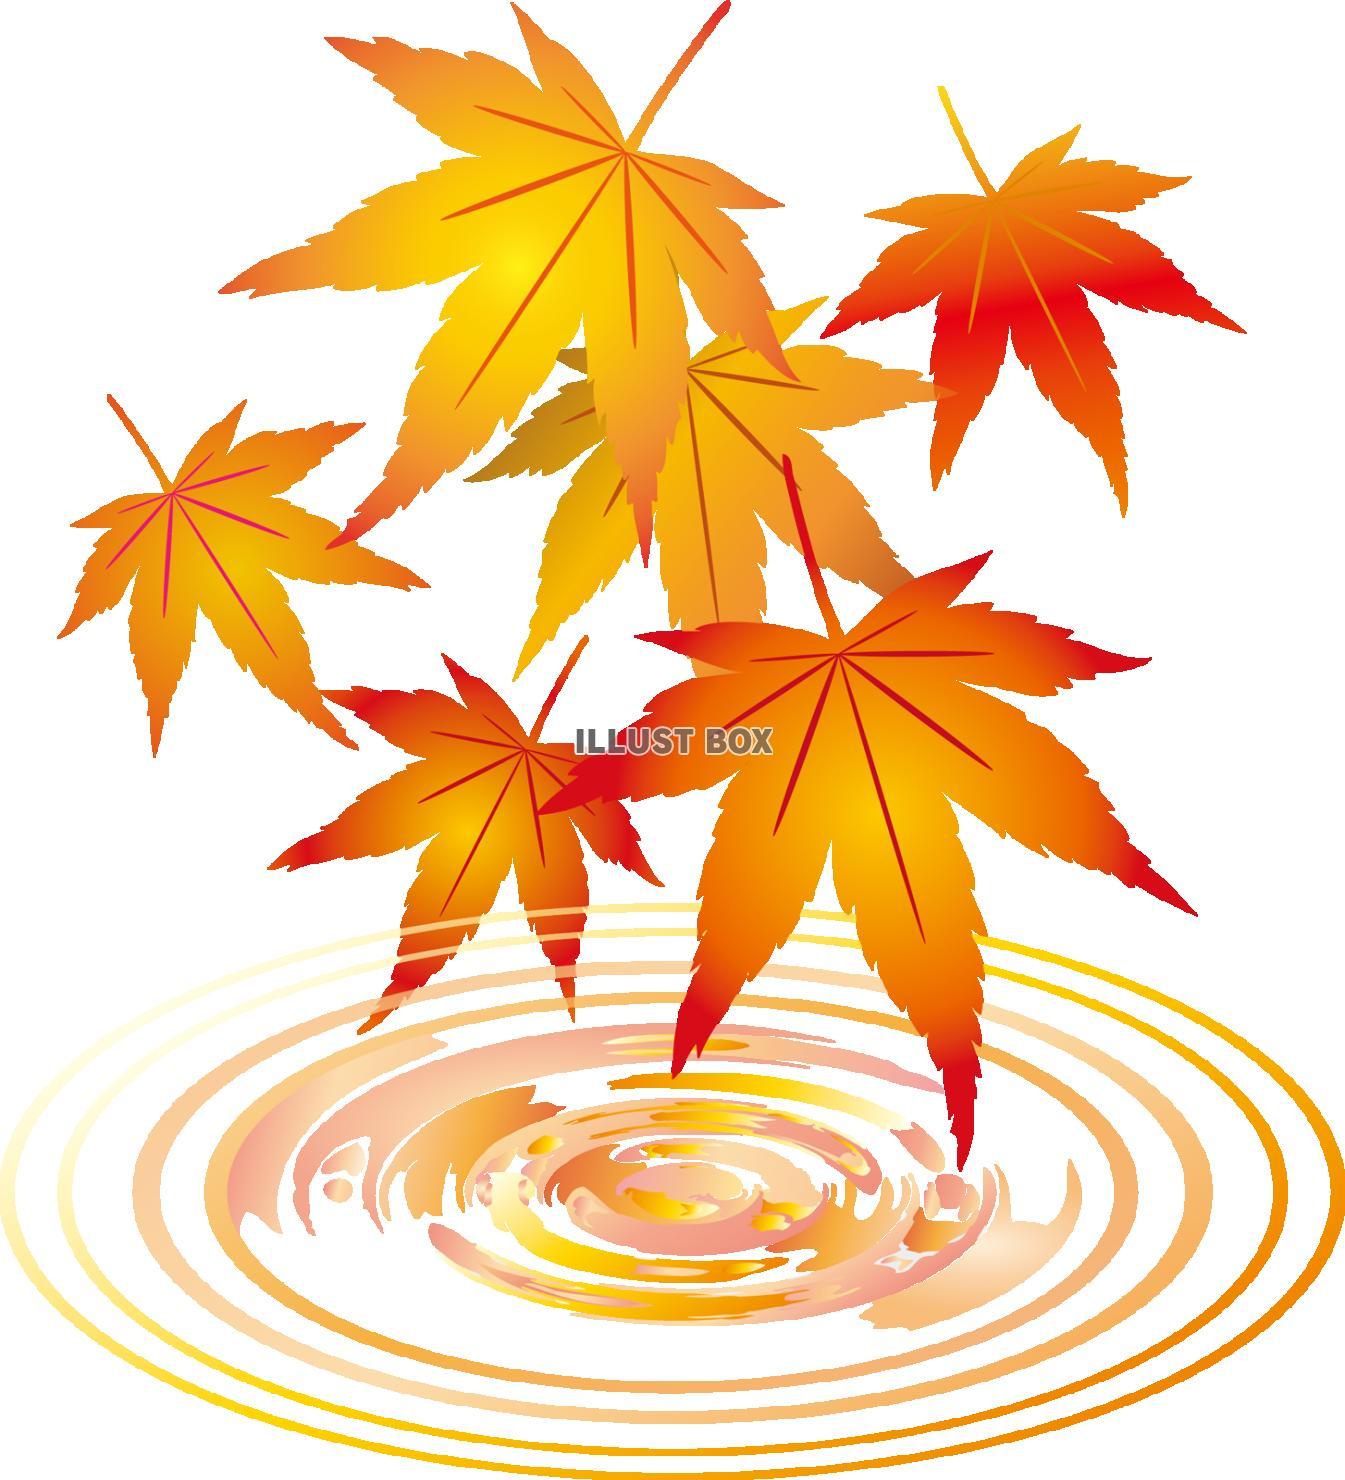 無料イラスト 紅葉もみじ飾り装飾冬水面10月11月モミジ葉っぱ植物楓カエデ